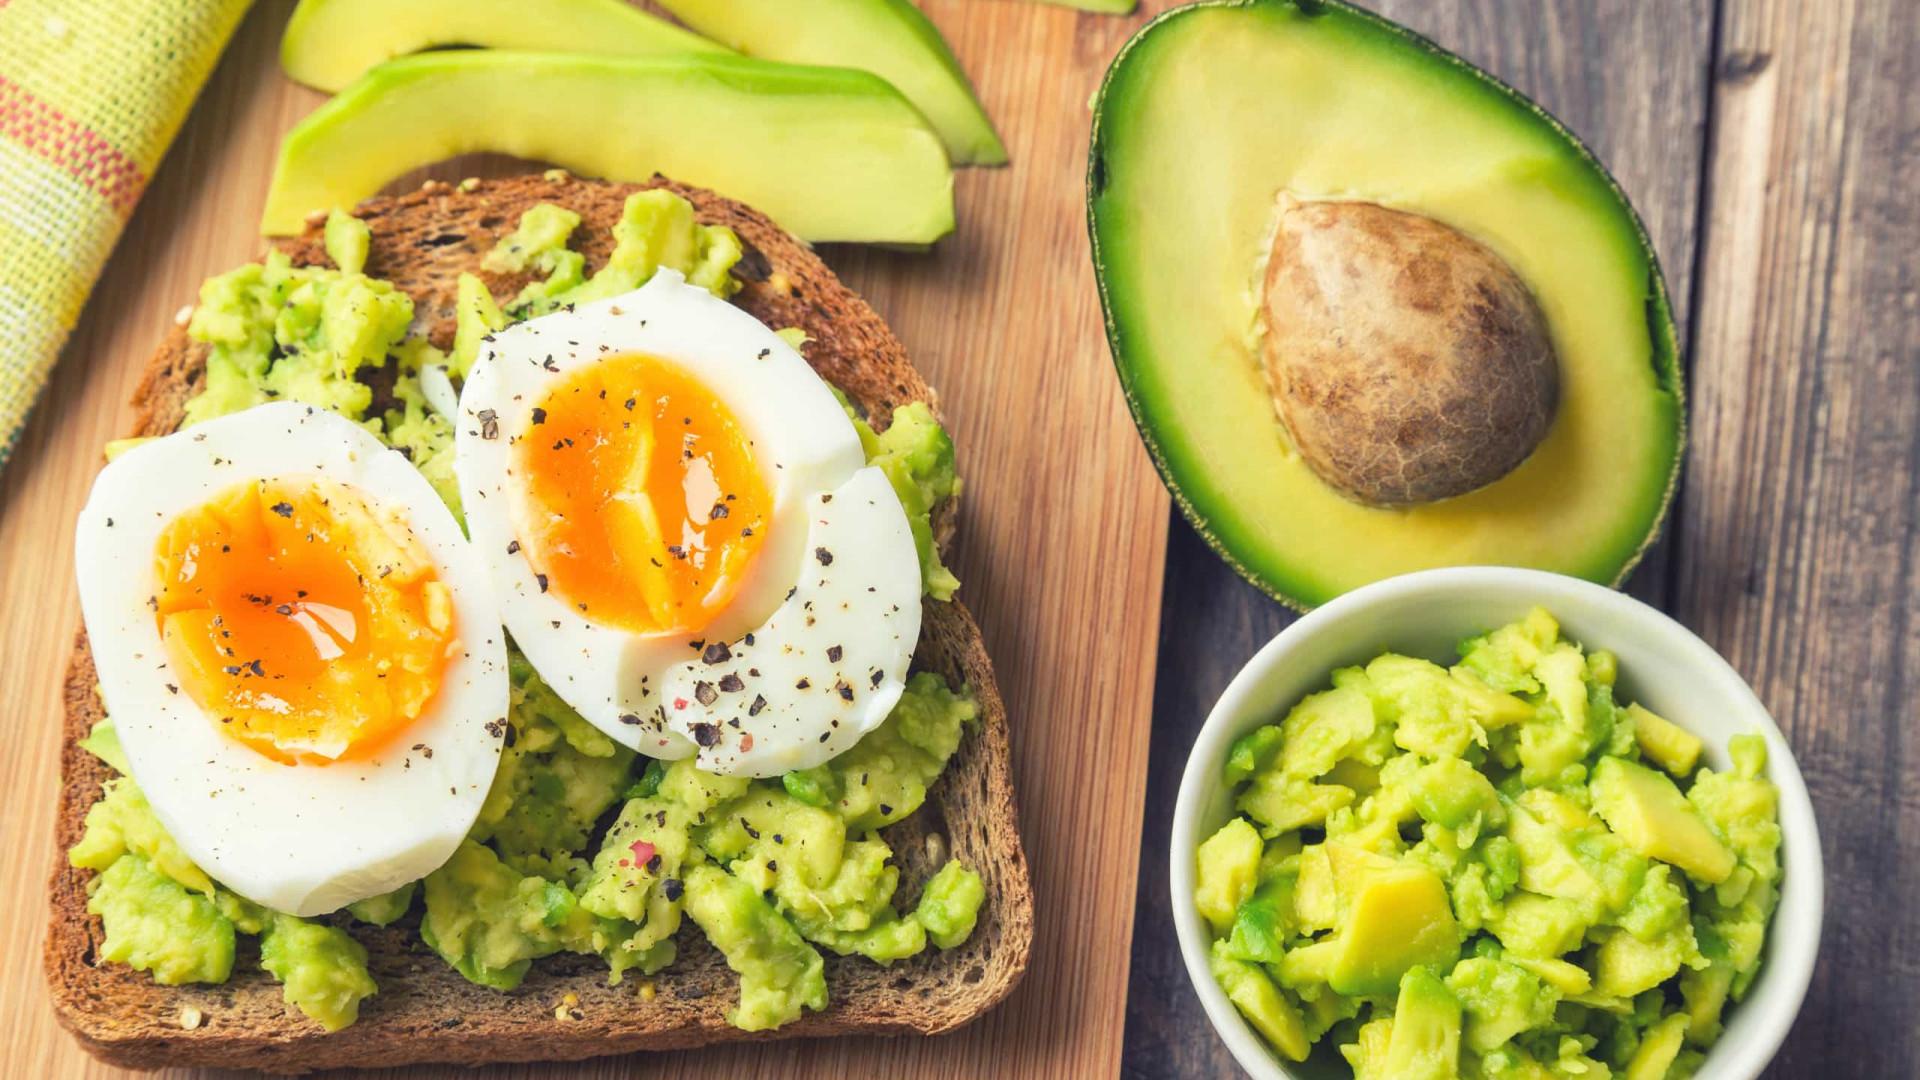 dieta para bajar trigliceridos y colesterol malo